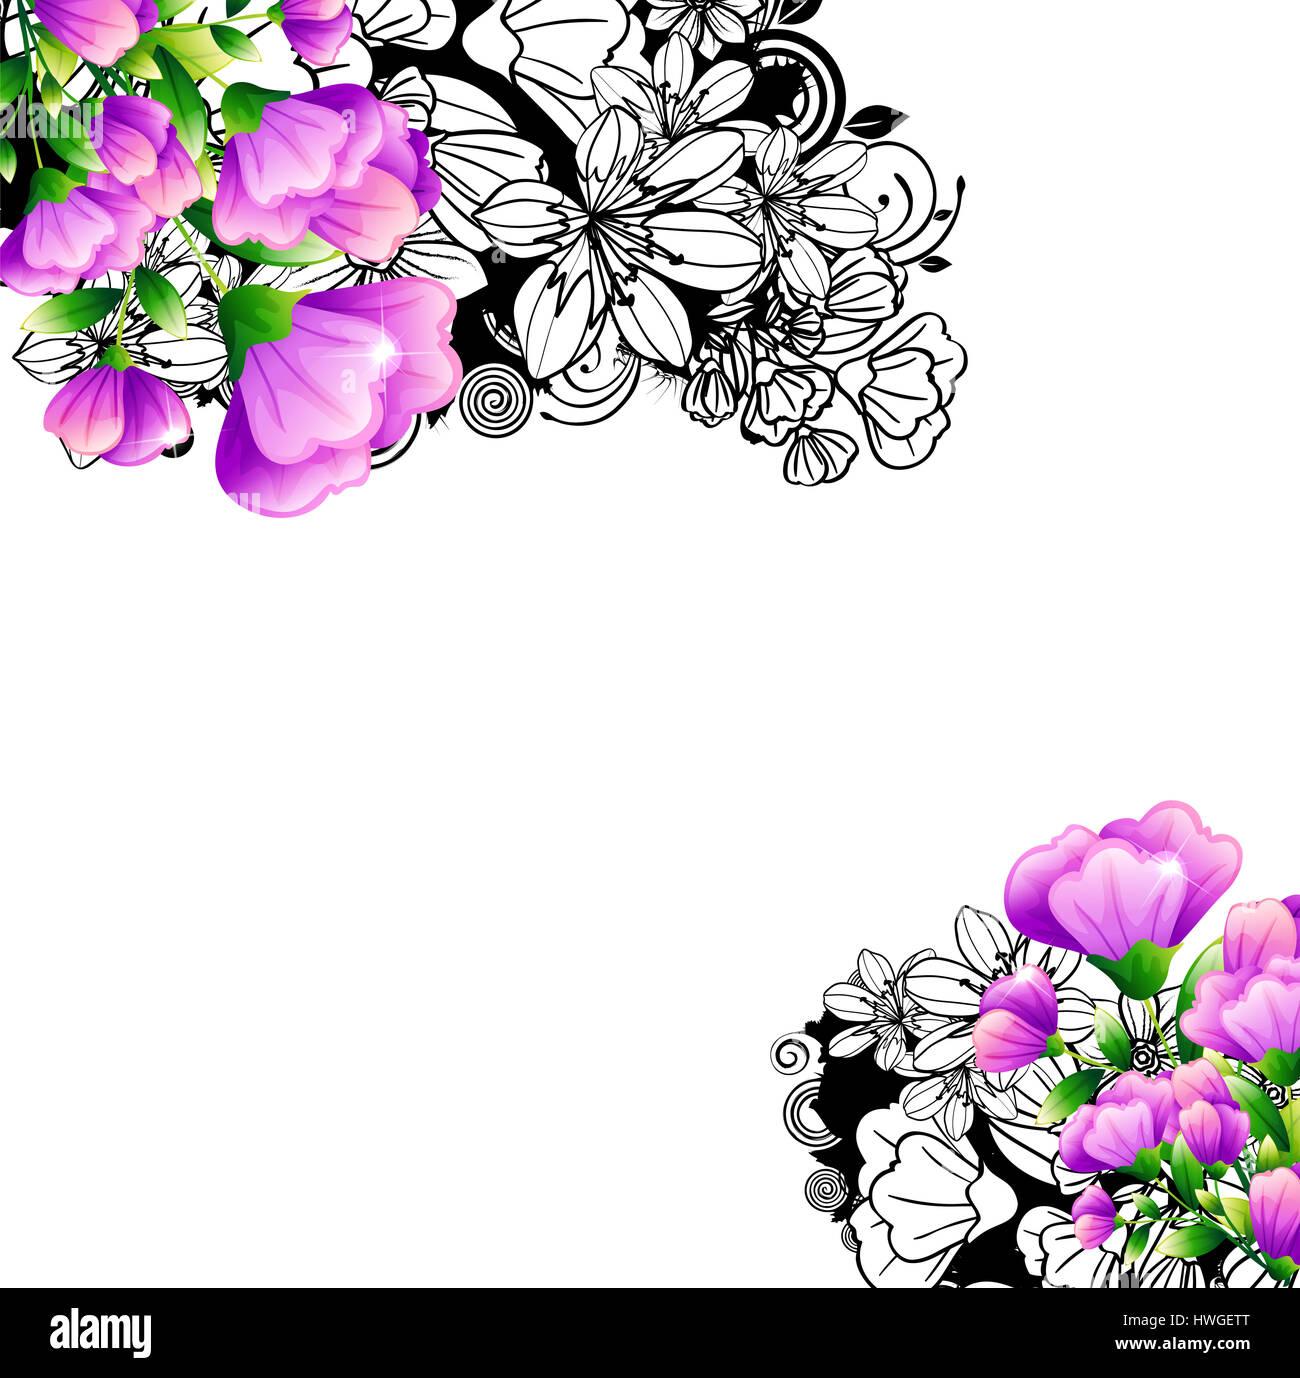 Muster, Design, Farbe, Blumen, Blume, Swirl, Label, Form, schwarz ...